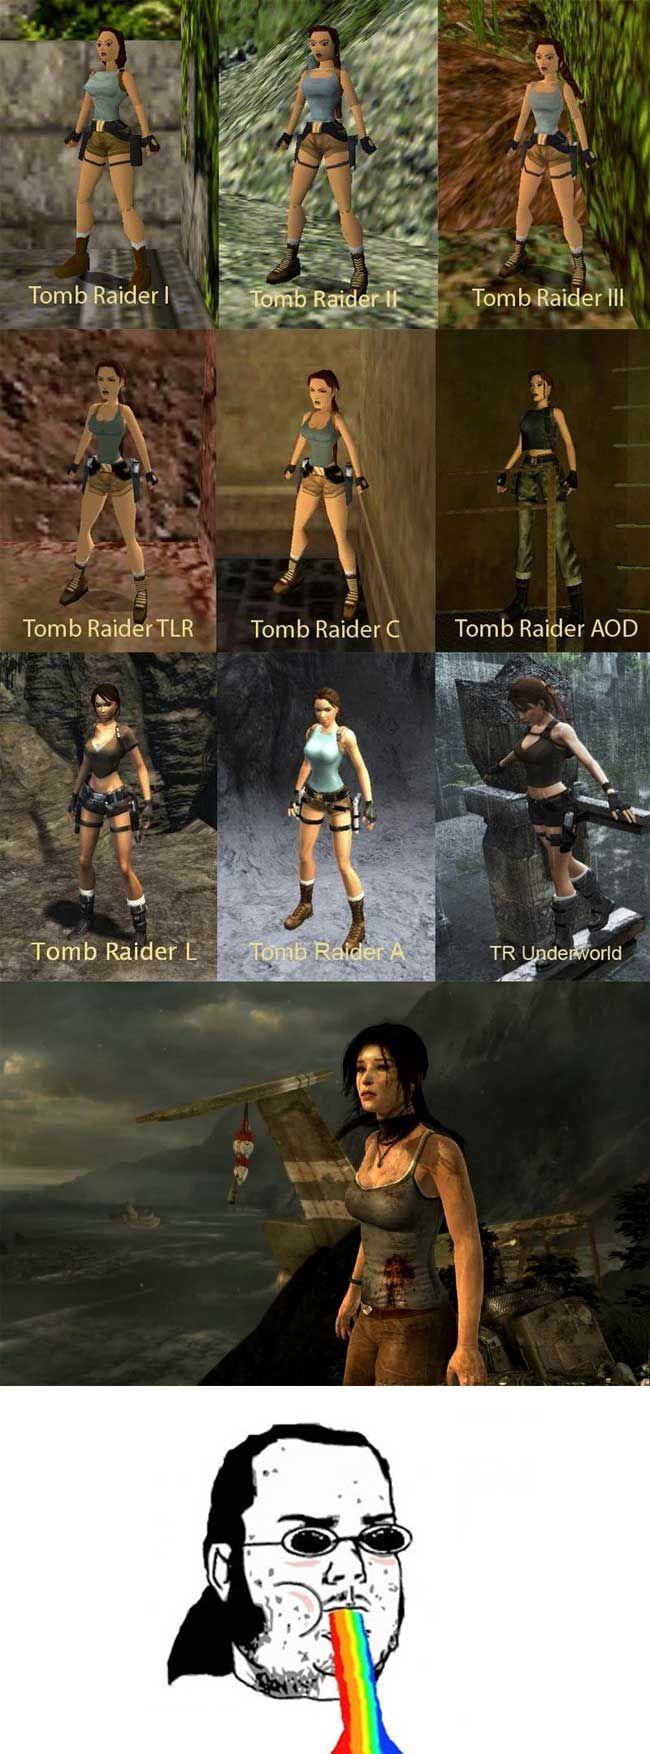 Evolution of Lara Croft - Images